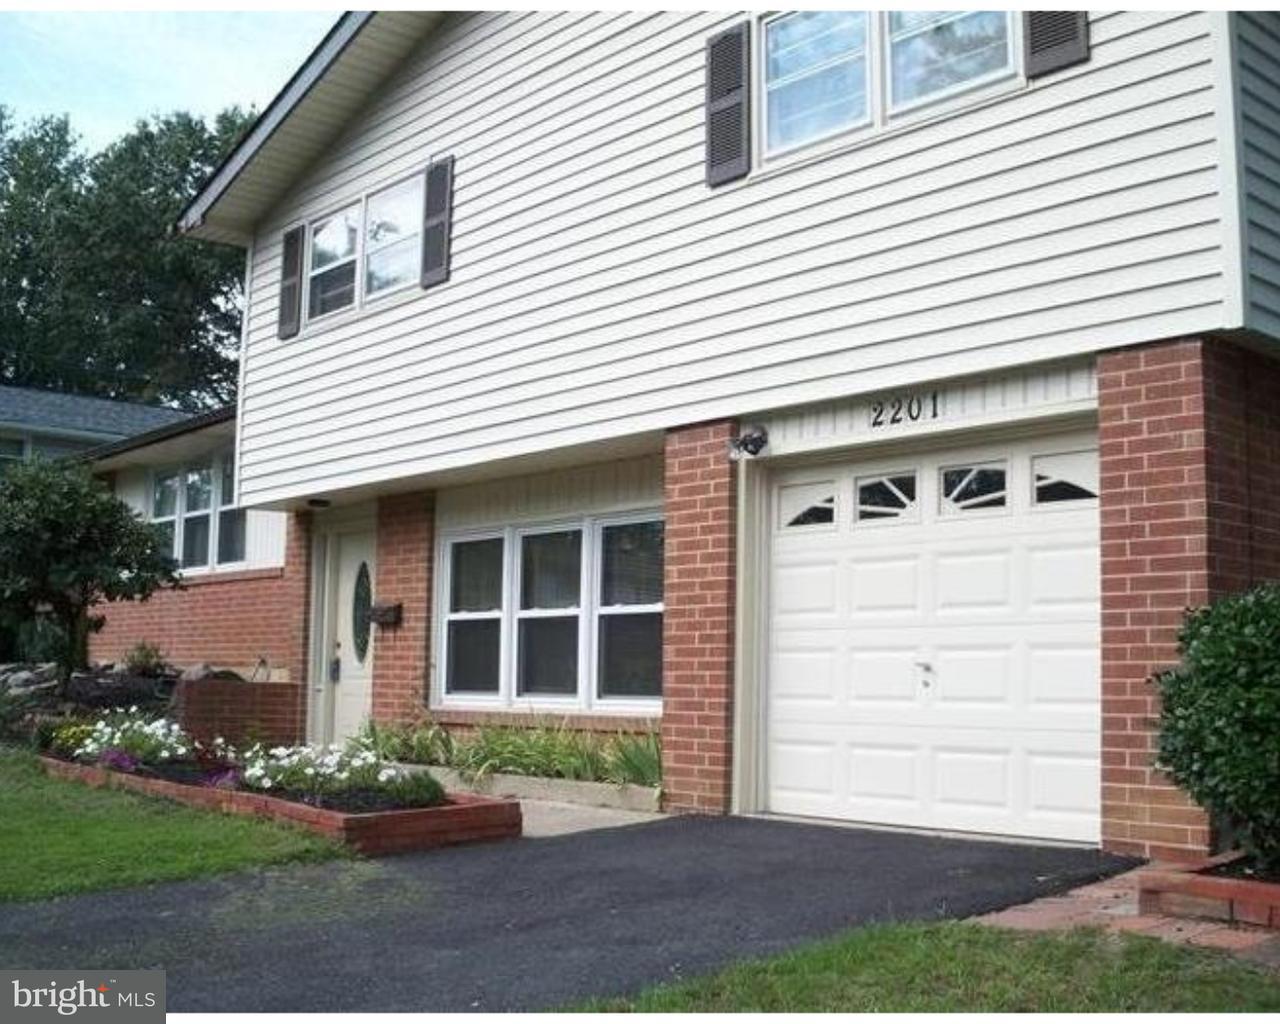 Частный односемейный дом для того Продажа на 2201 CARLTON Lane Talleyville, Делавэр 19810 Соединенные Штаты